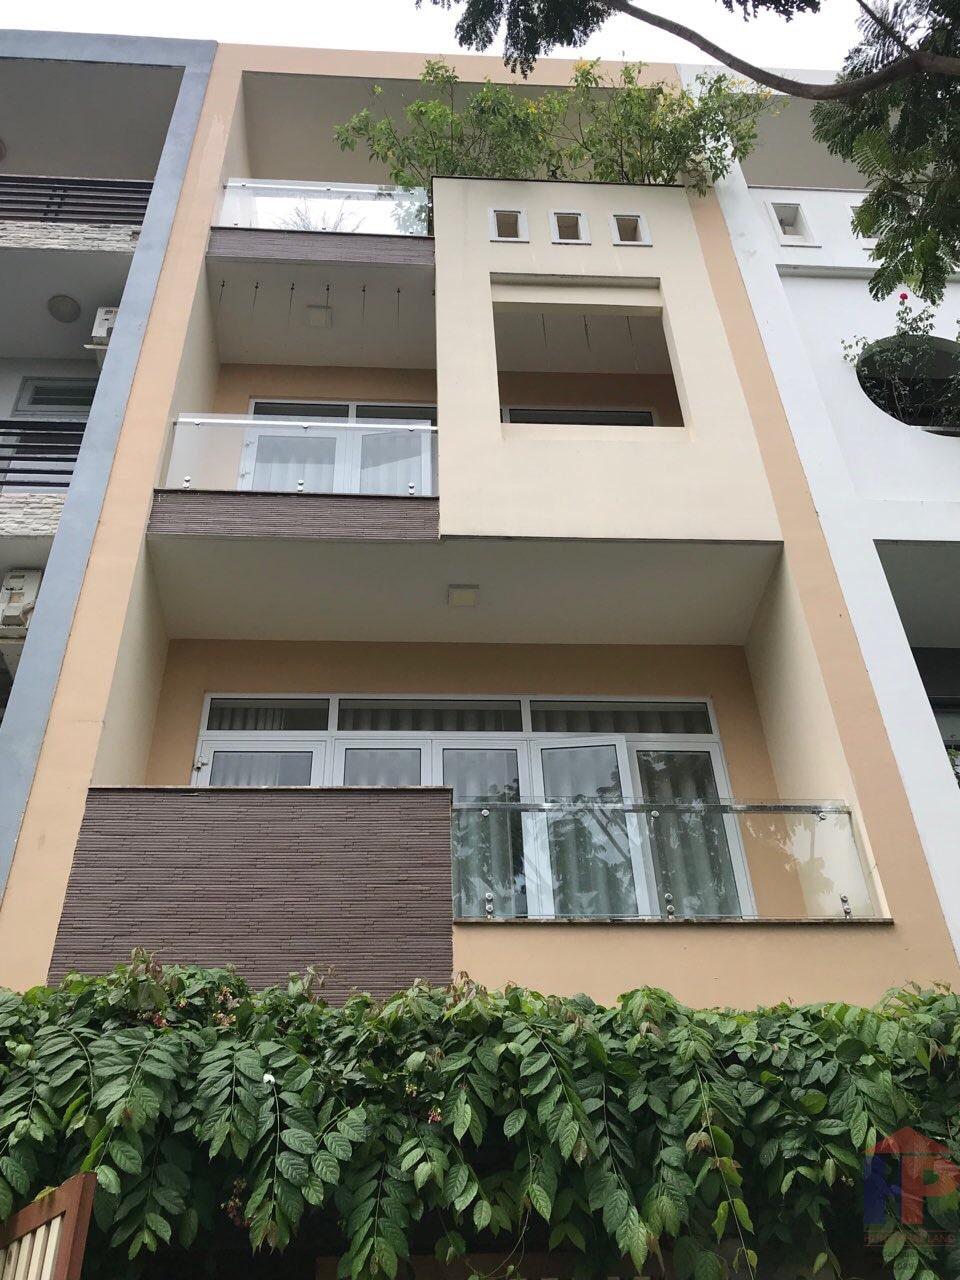 Bán nhà đường số 8 phường Tân Phong Quận 7, 1 trệt – 3 lầu, DT 5x18m, giá 12.9 tỷ